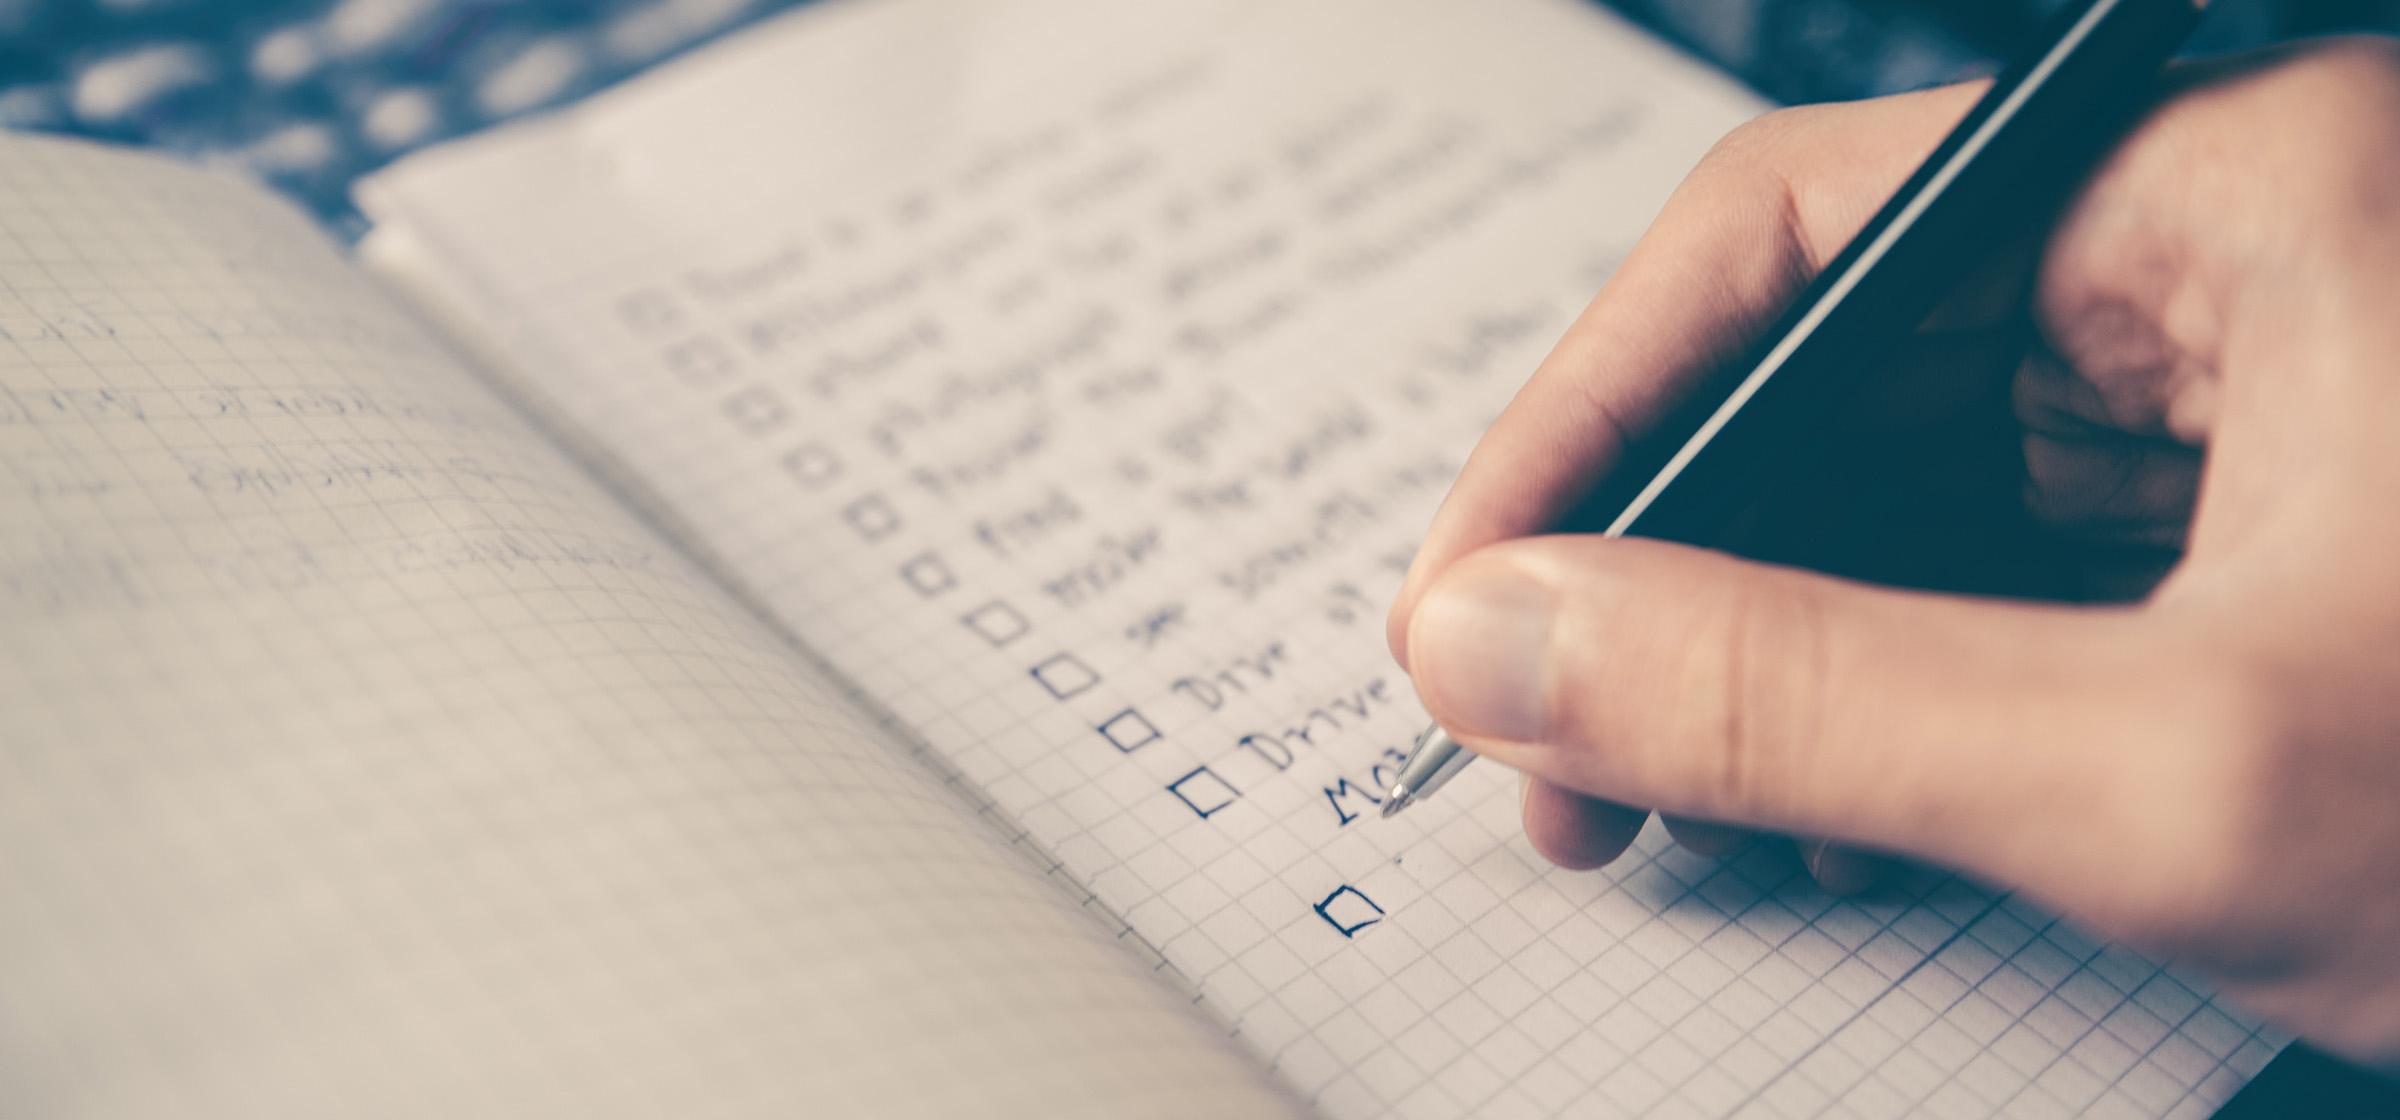 Was soll ich bloß studieren? 4 Tipps für deine Studienwahl